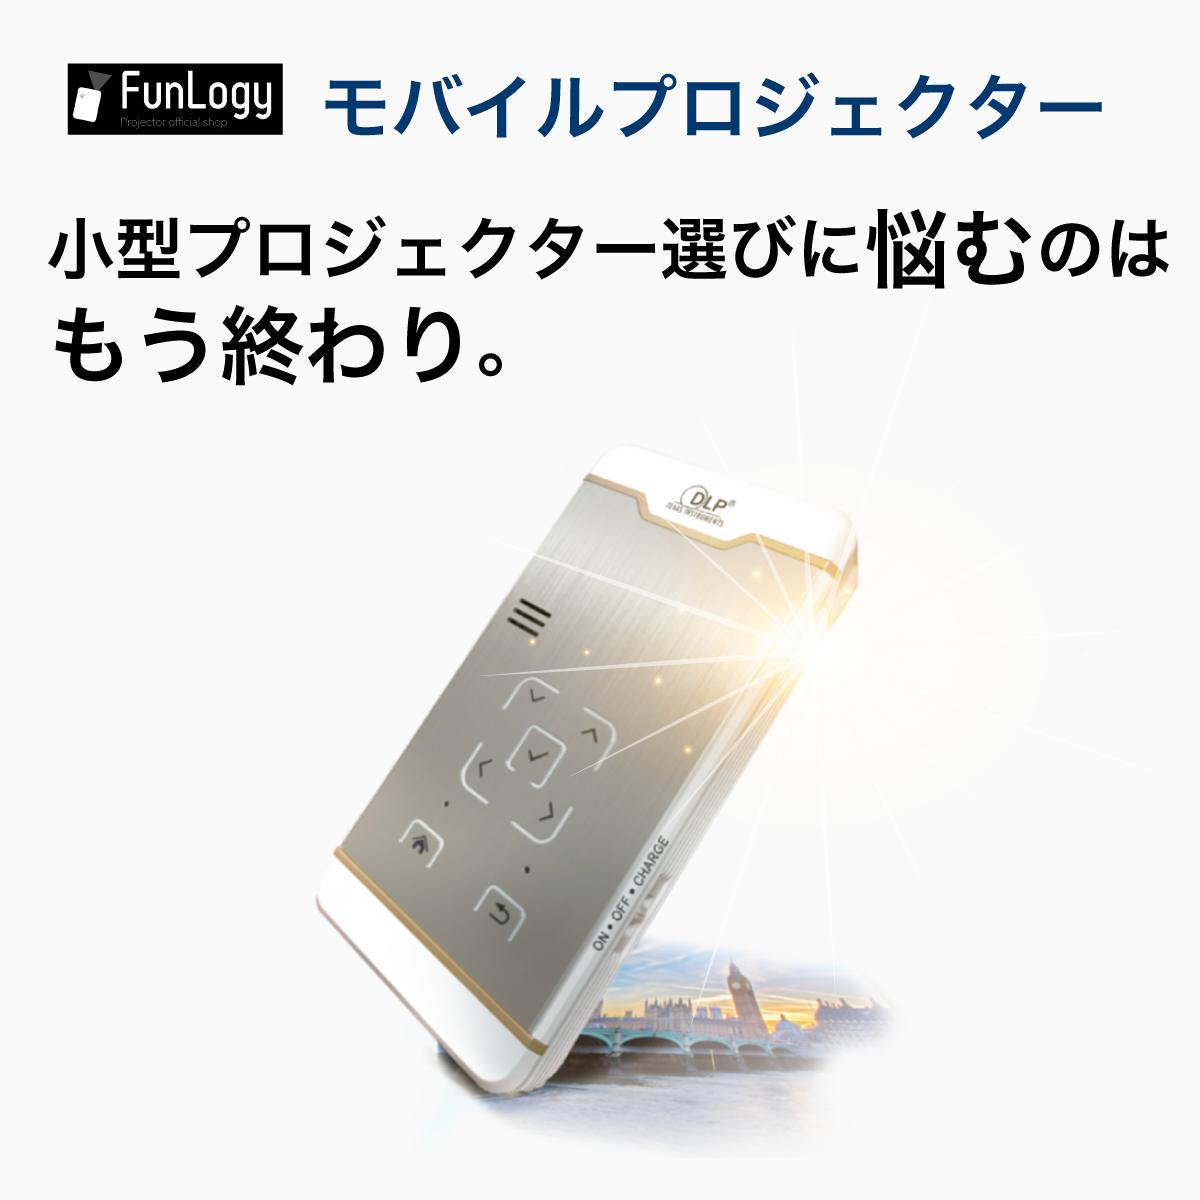 プロジェクター 小型 プロジェクター 1200ルーメン DLP iphone android iOS11対応 ワイヤレス【FunLogy モバイルプロジェクター】